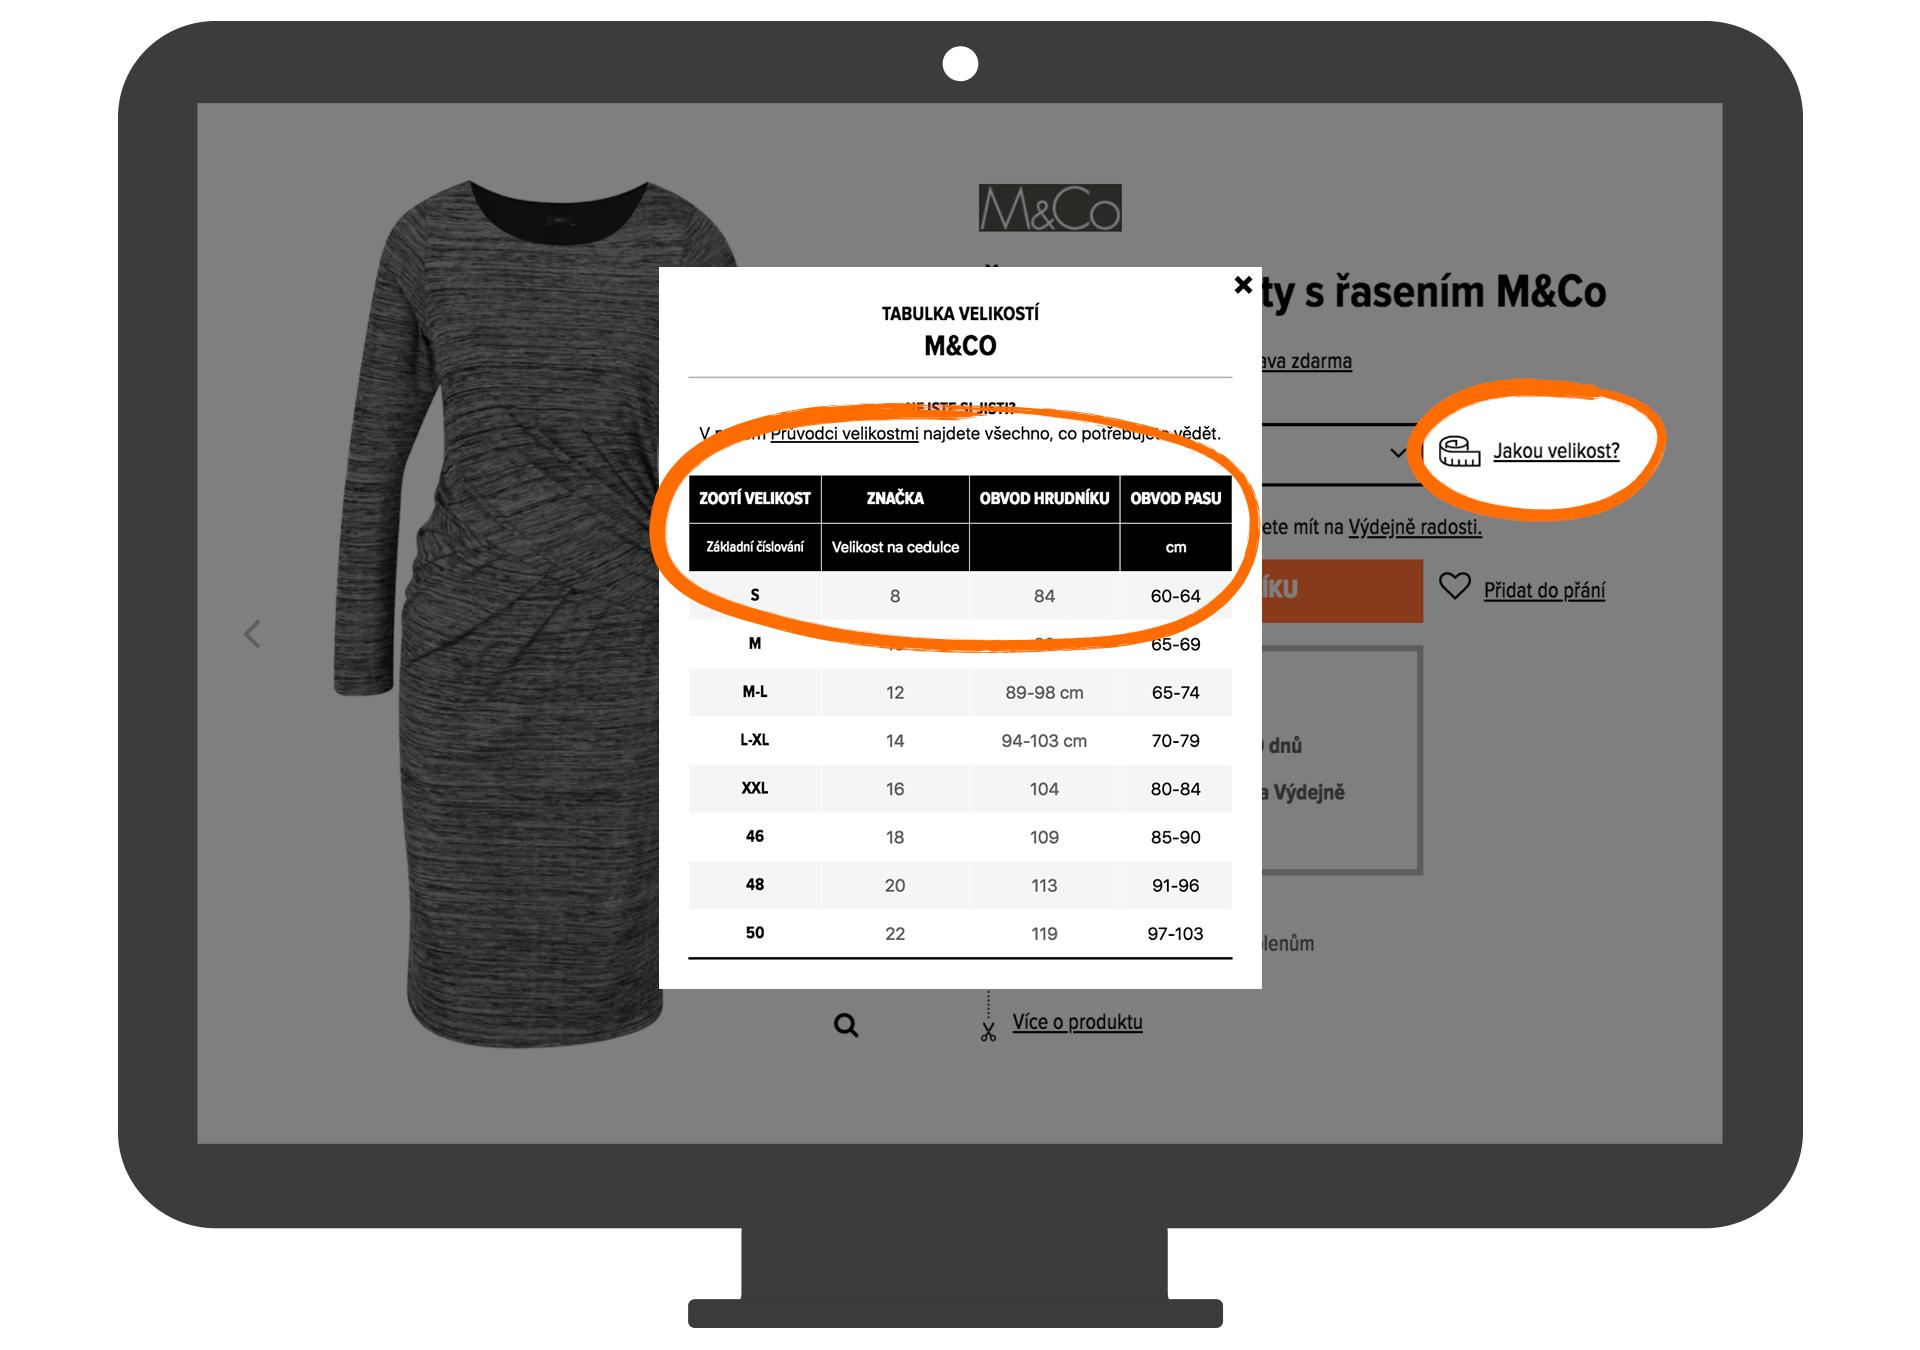 Jak měřit míry anebo průvodce velikostmi  cb55da1a8b